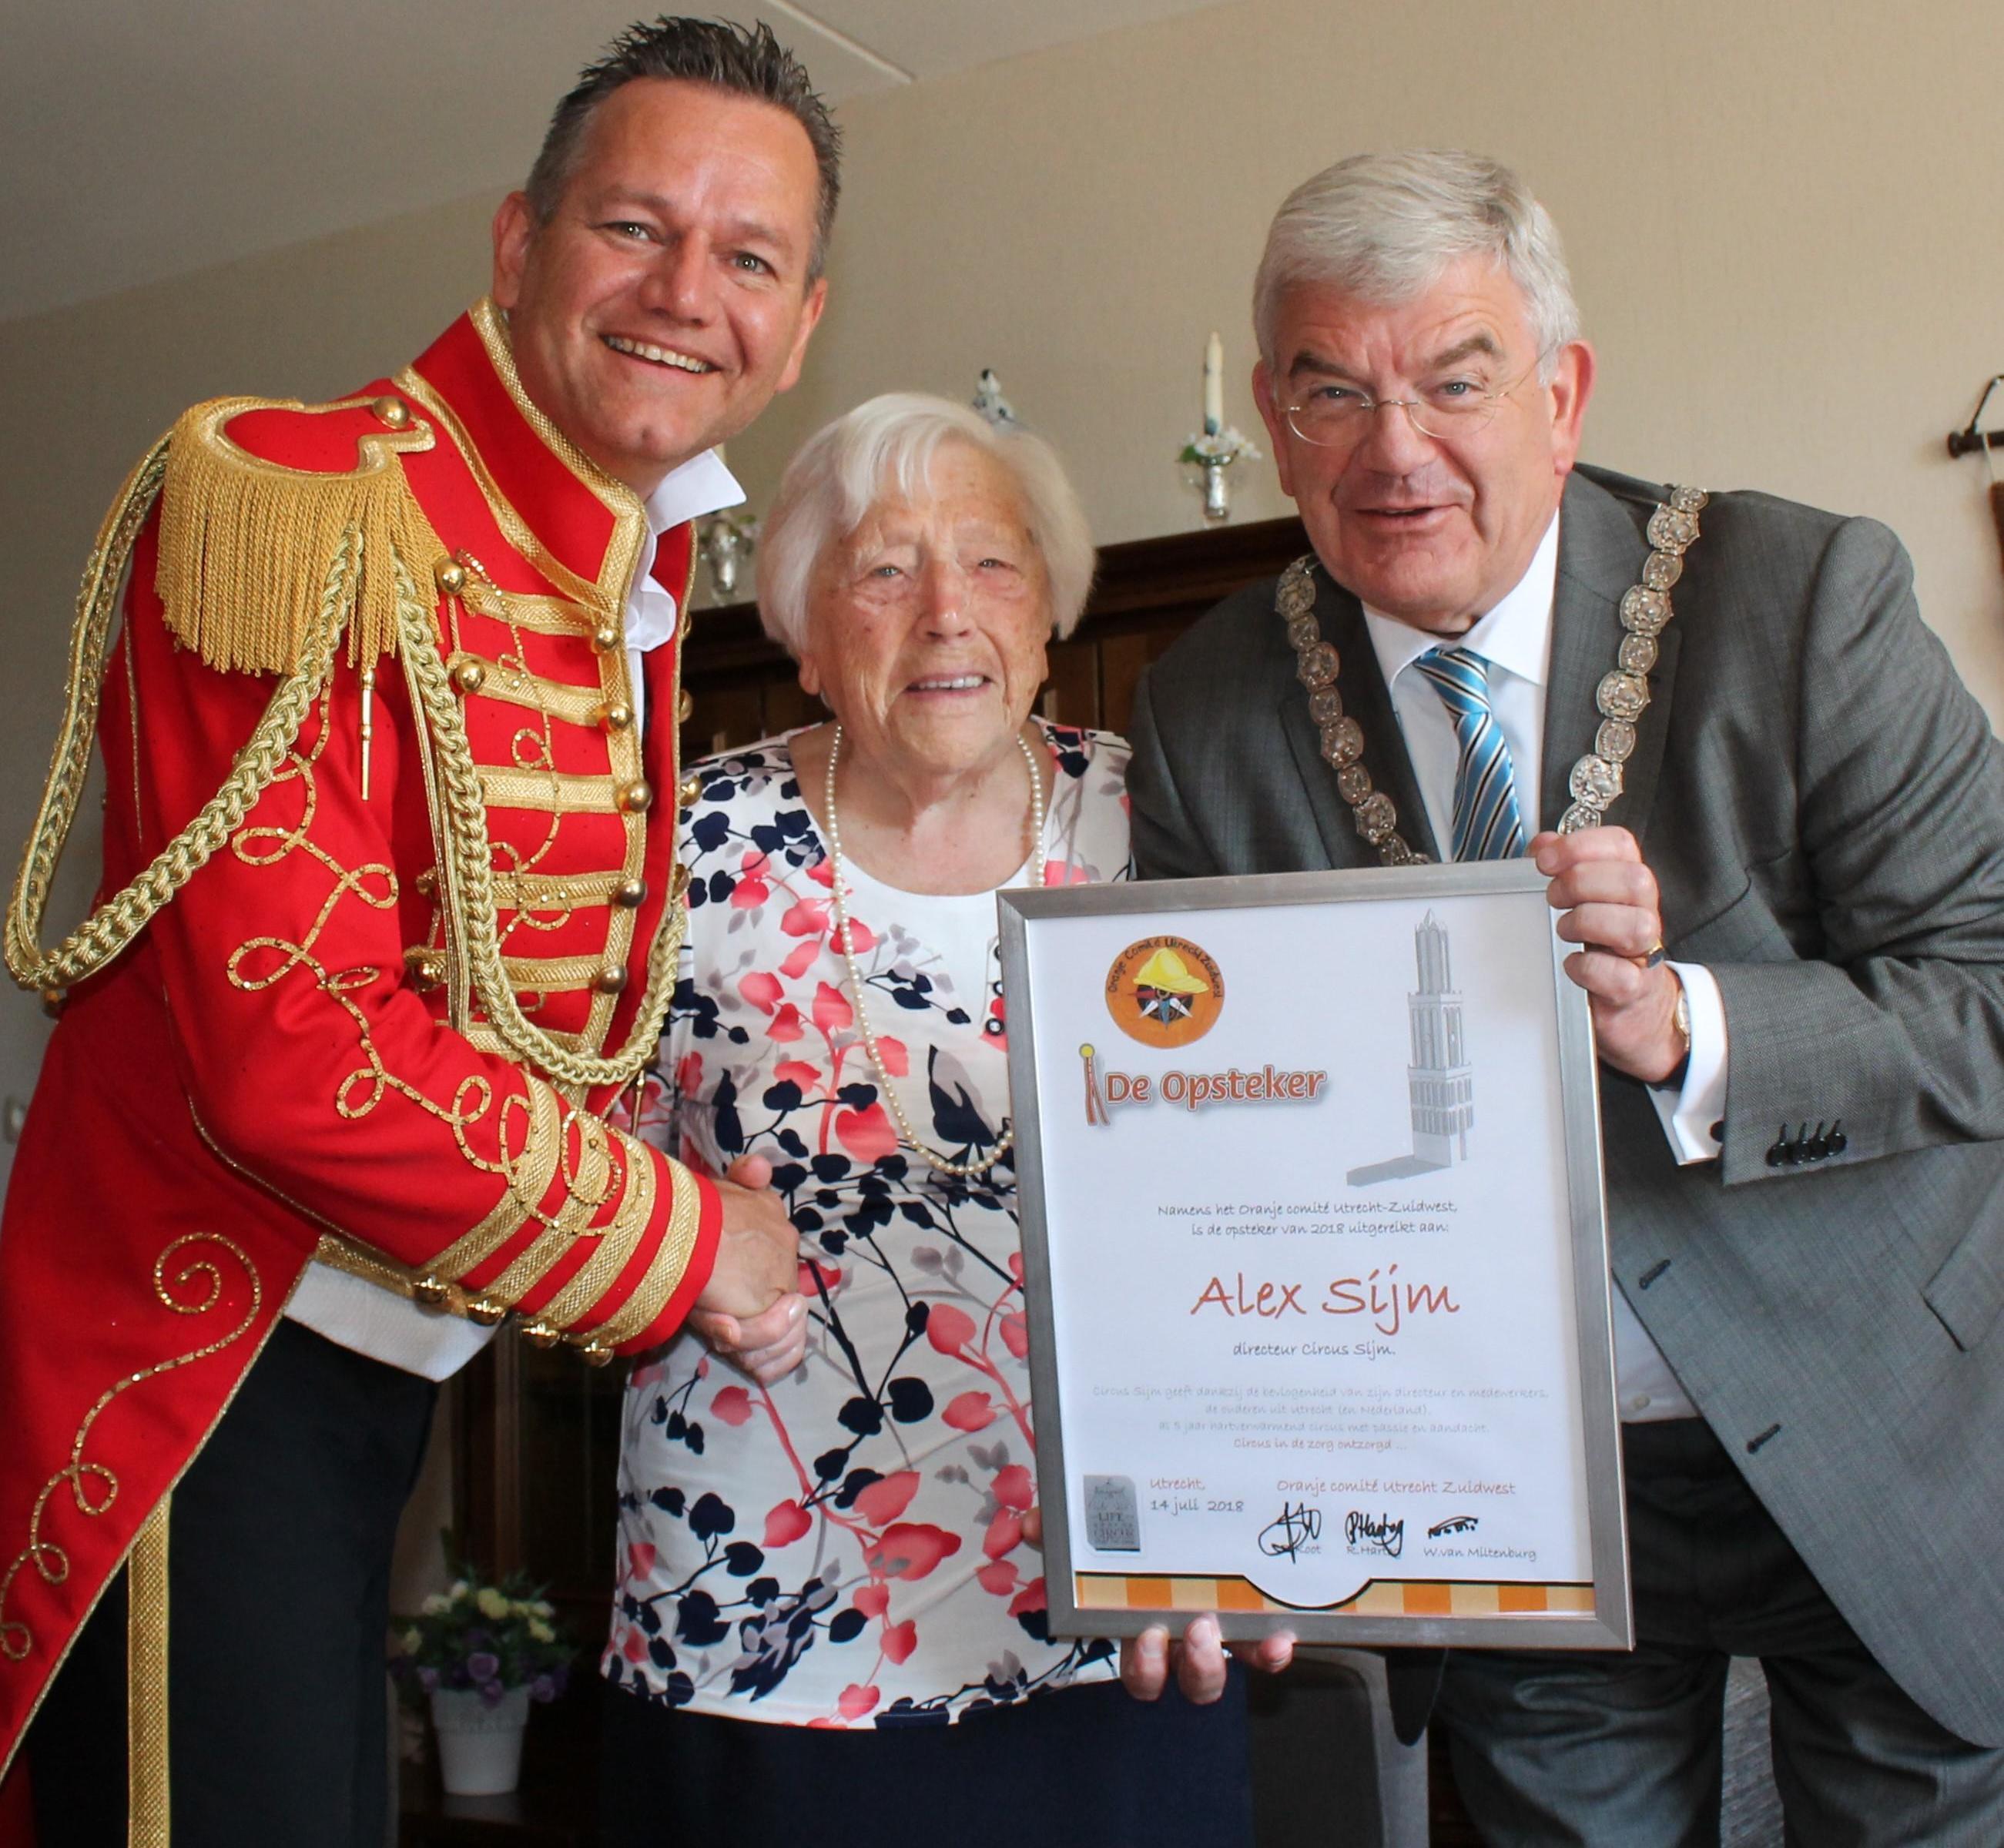 Directeur Circus Sijm onderscheiden omwille van inzet voor senioren